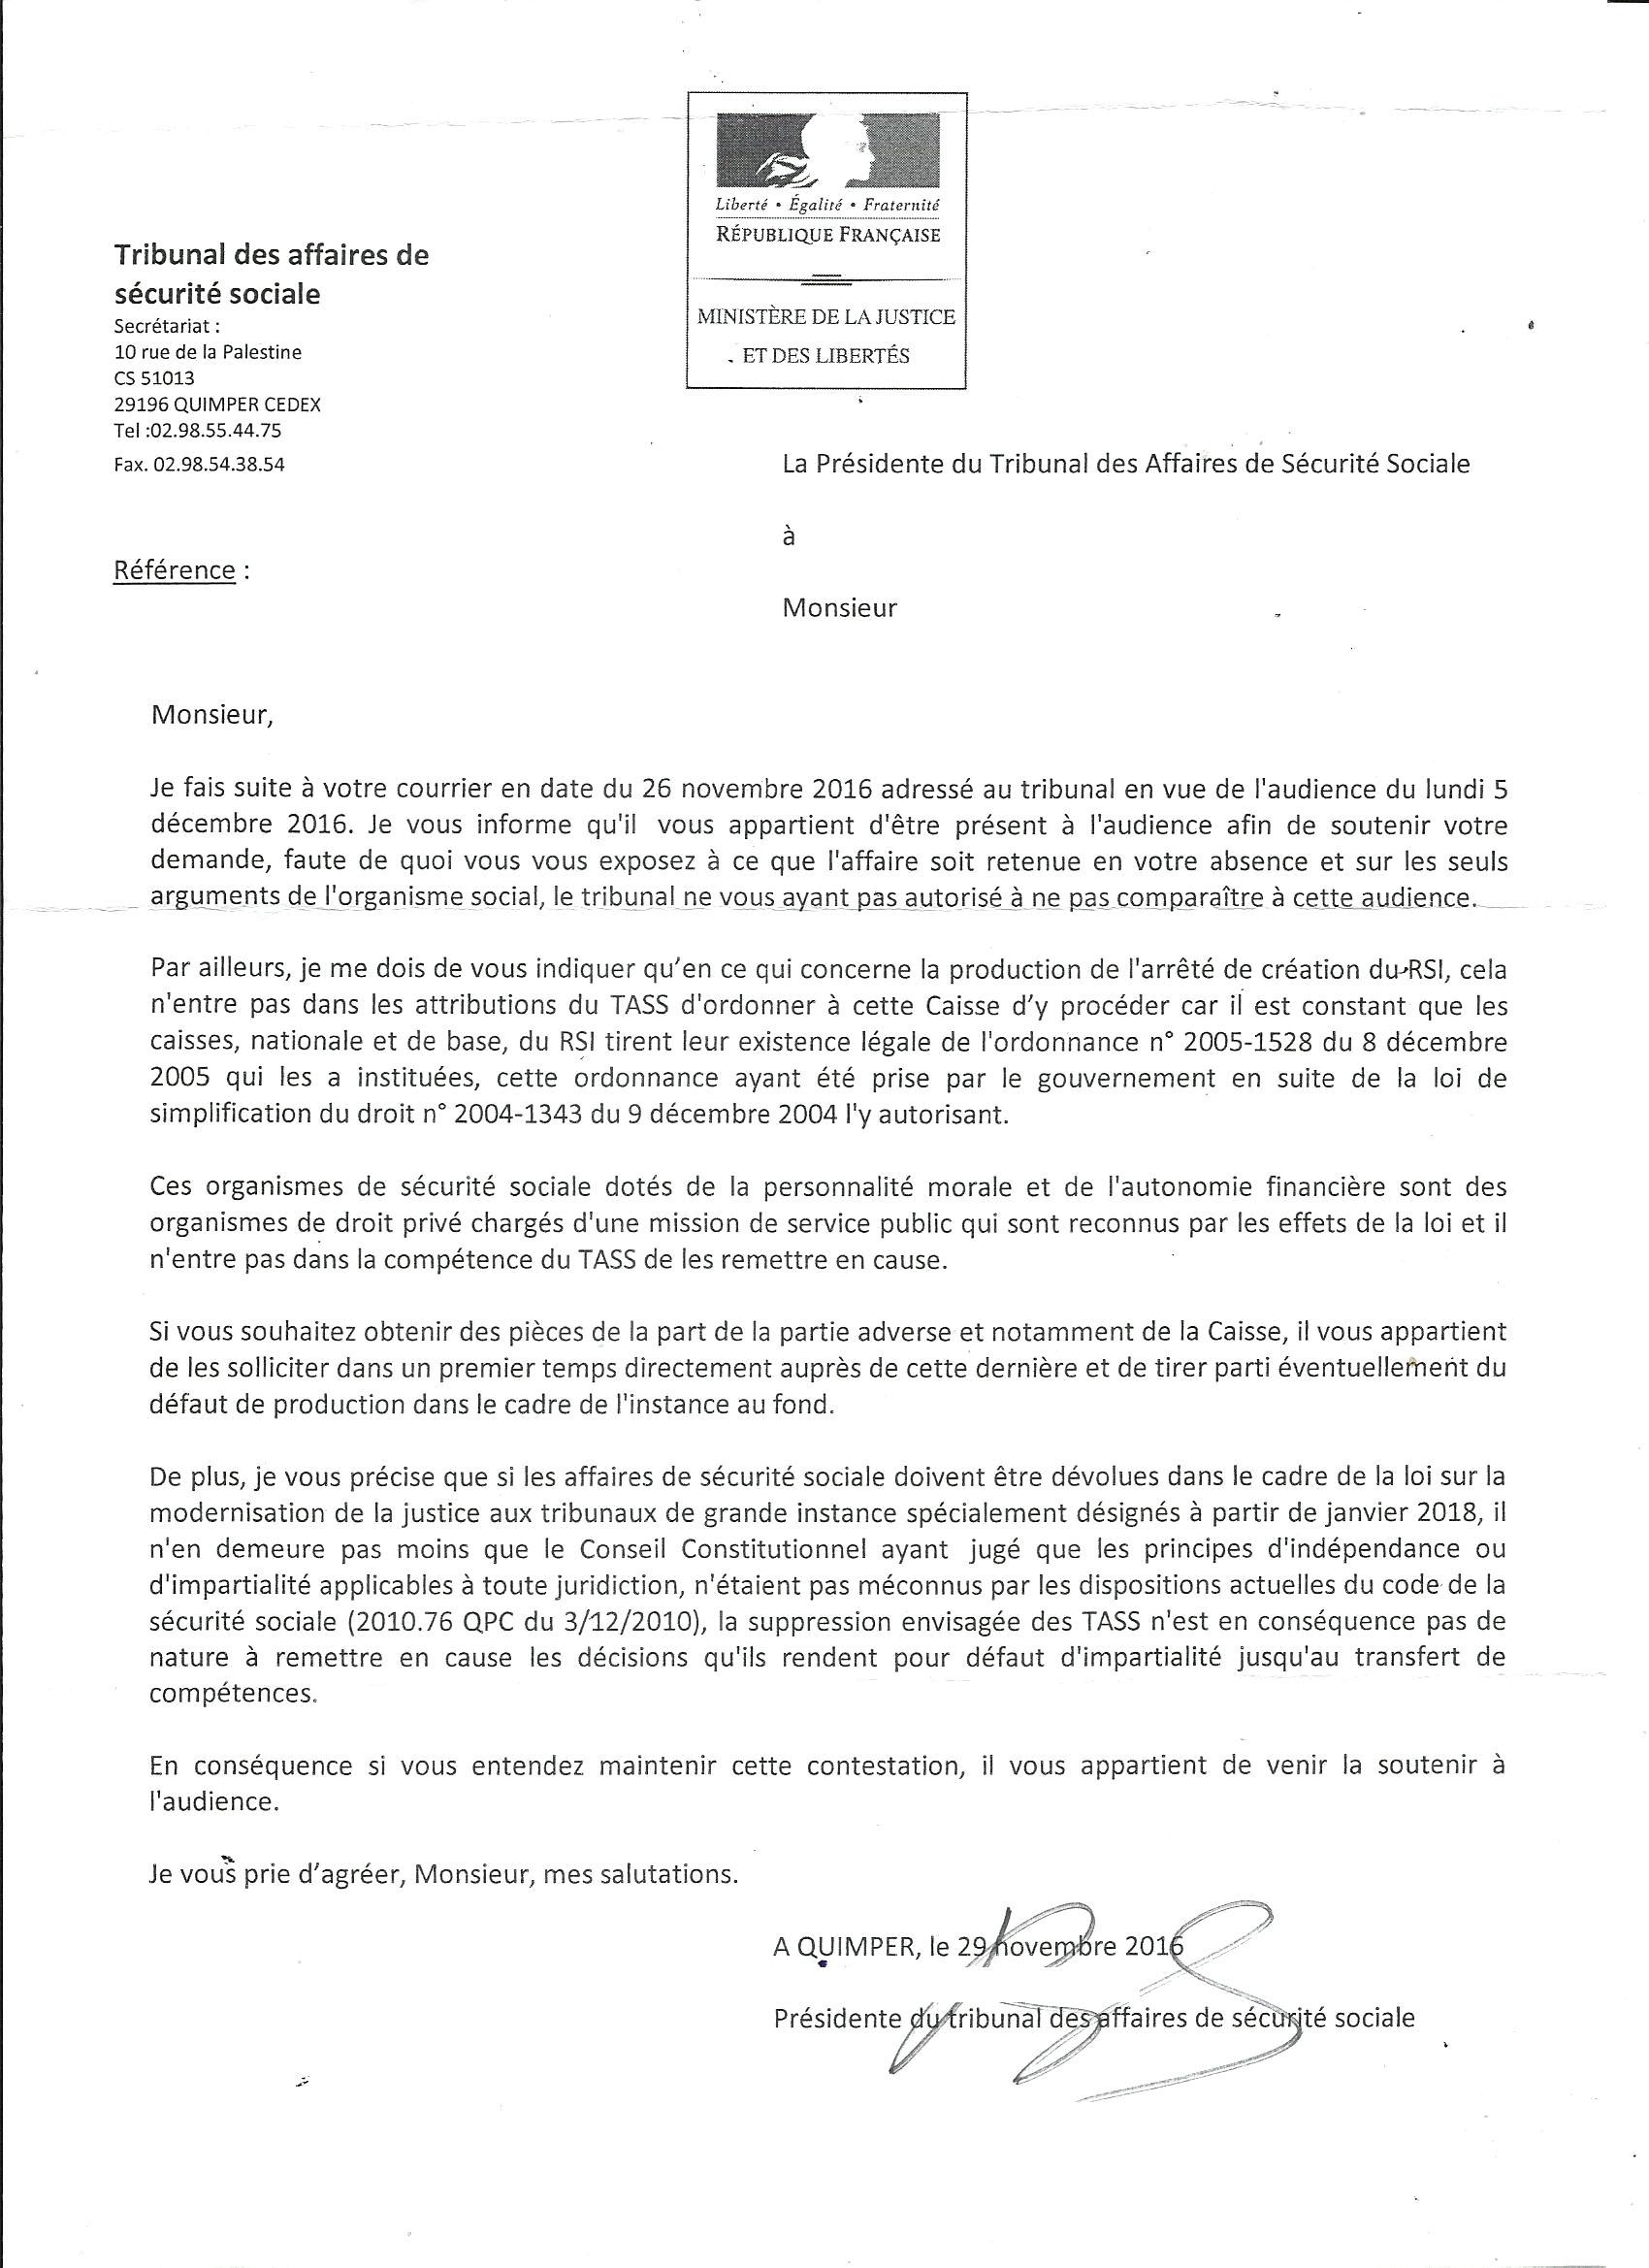 Le Rsi A Perdu Sa Marque Compte Rendu Tass De Quimper Syndicat